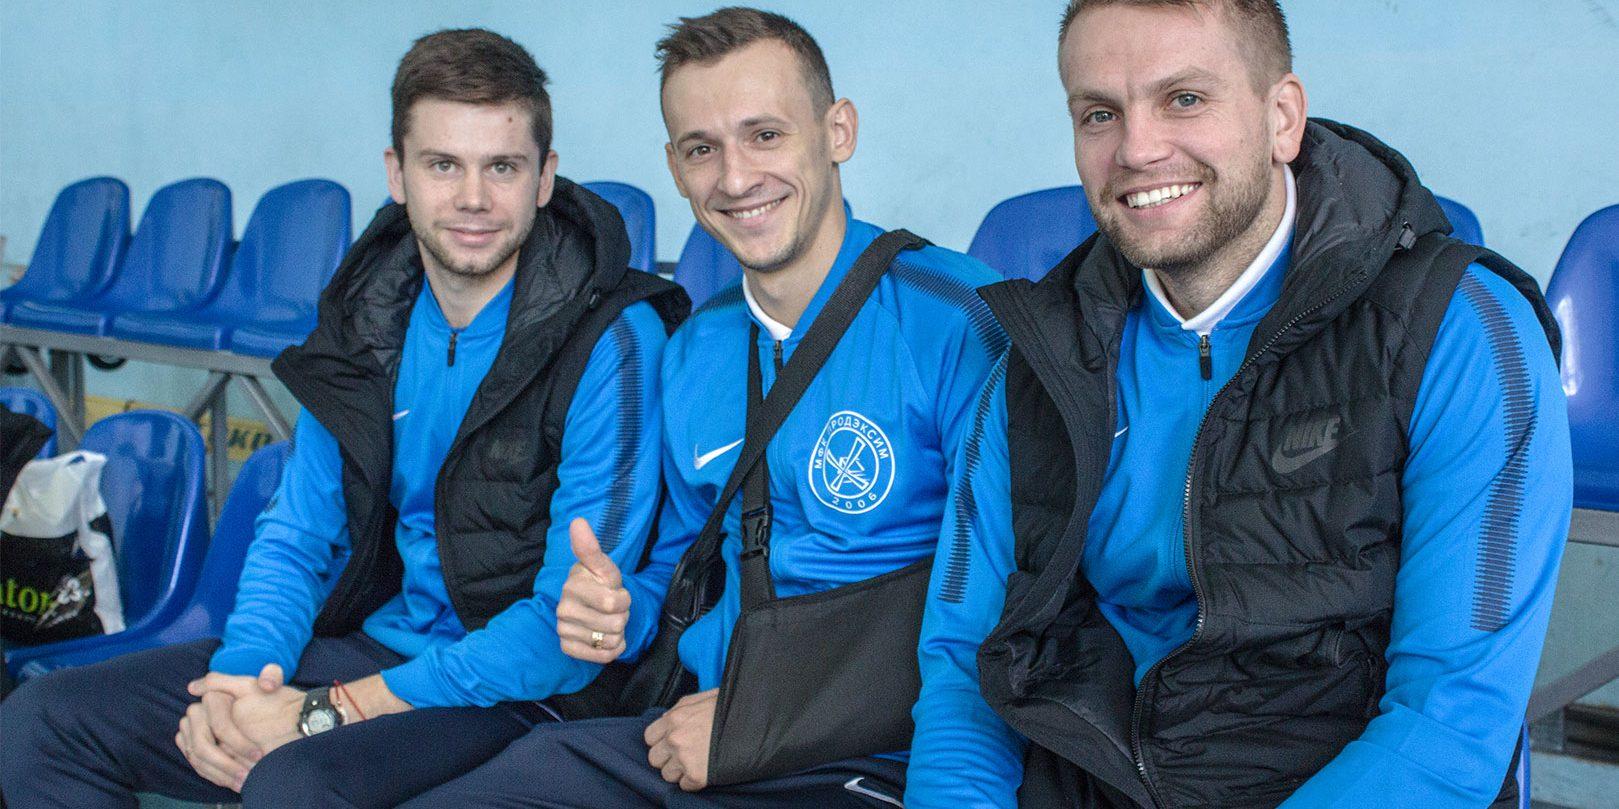 МФК «Продэксим» прекратил сотрудничество с двумя игроками